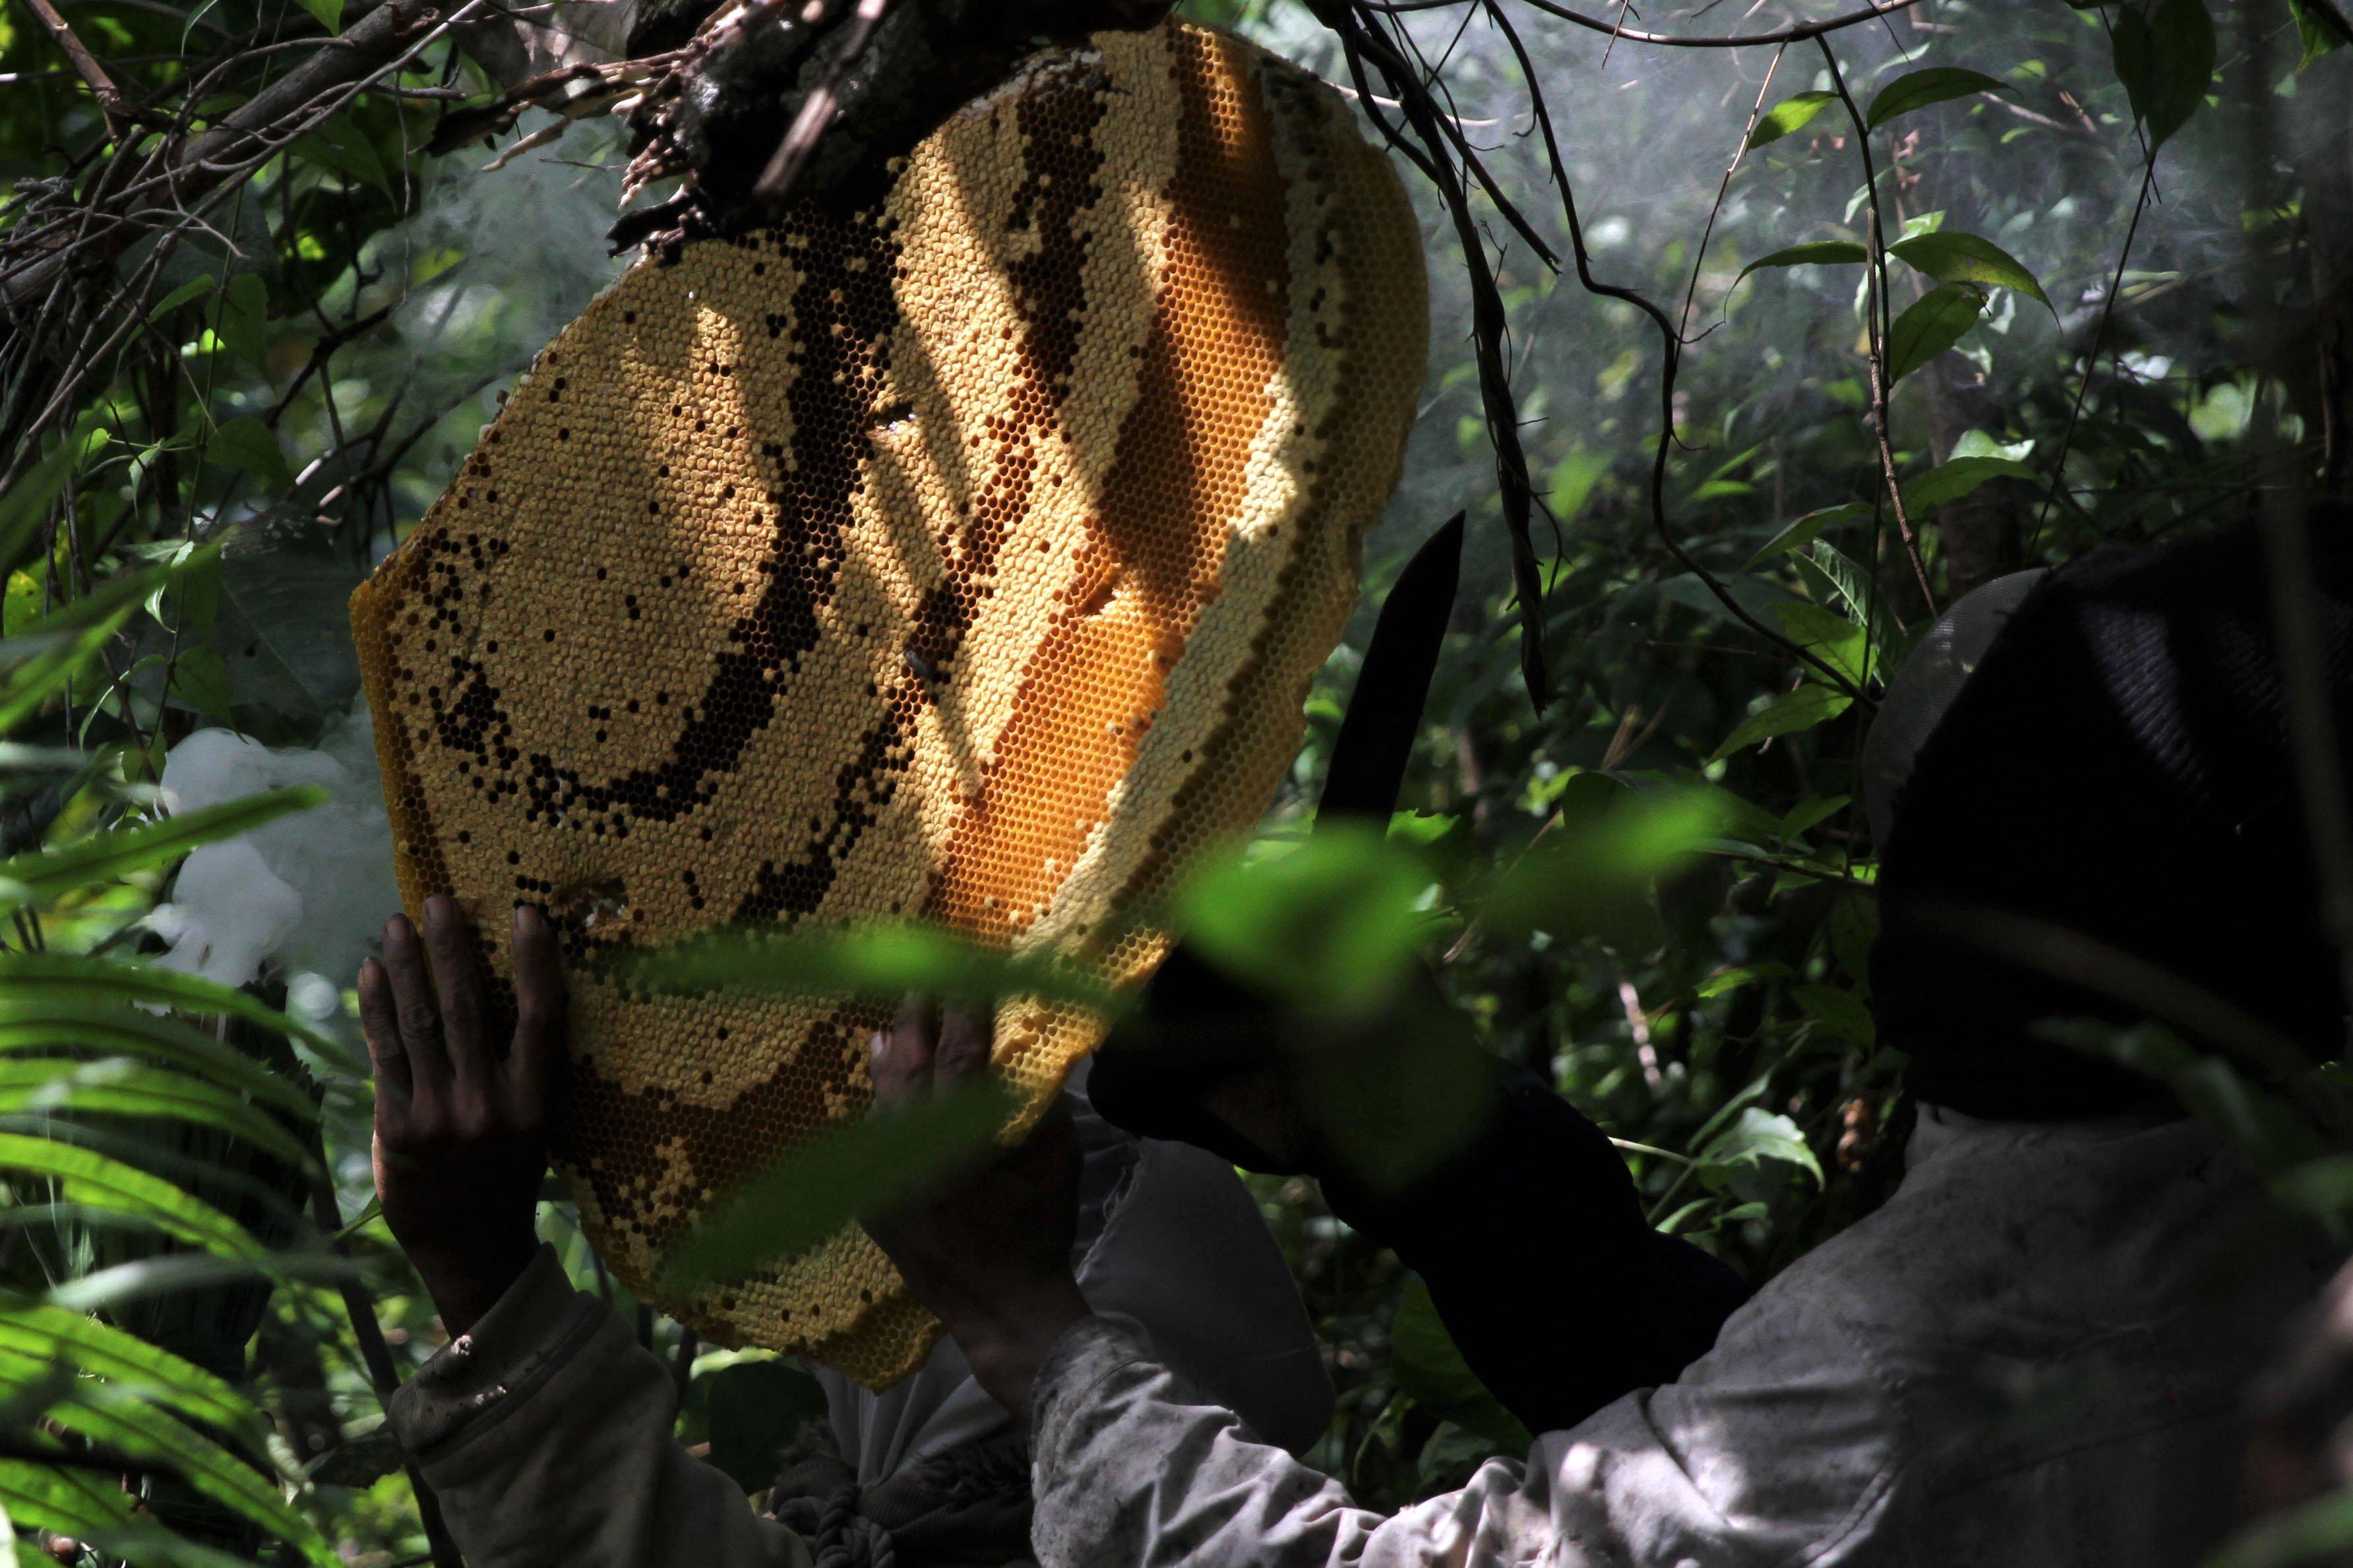 Pemburu lebah madu mengambil sarang lebah beisi sari madu di kawasan Gunung Landono di Desa Landono 2, Kecamatan Landono, Konawe Selatan, Sulawesi Tenggara. \r\n